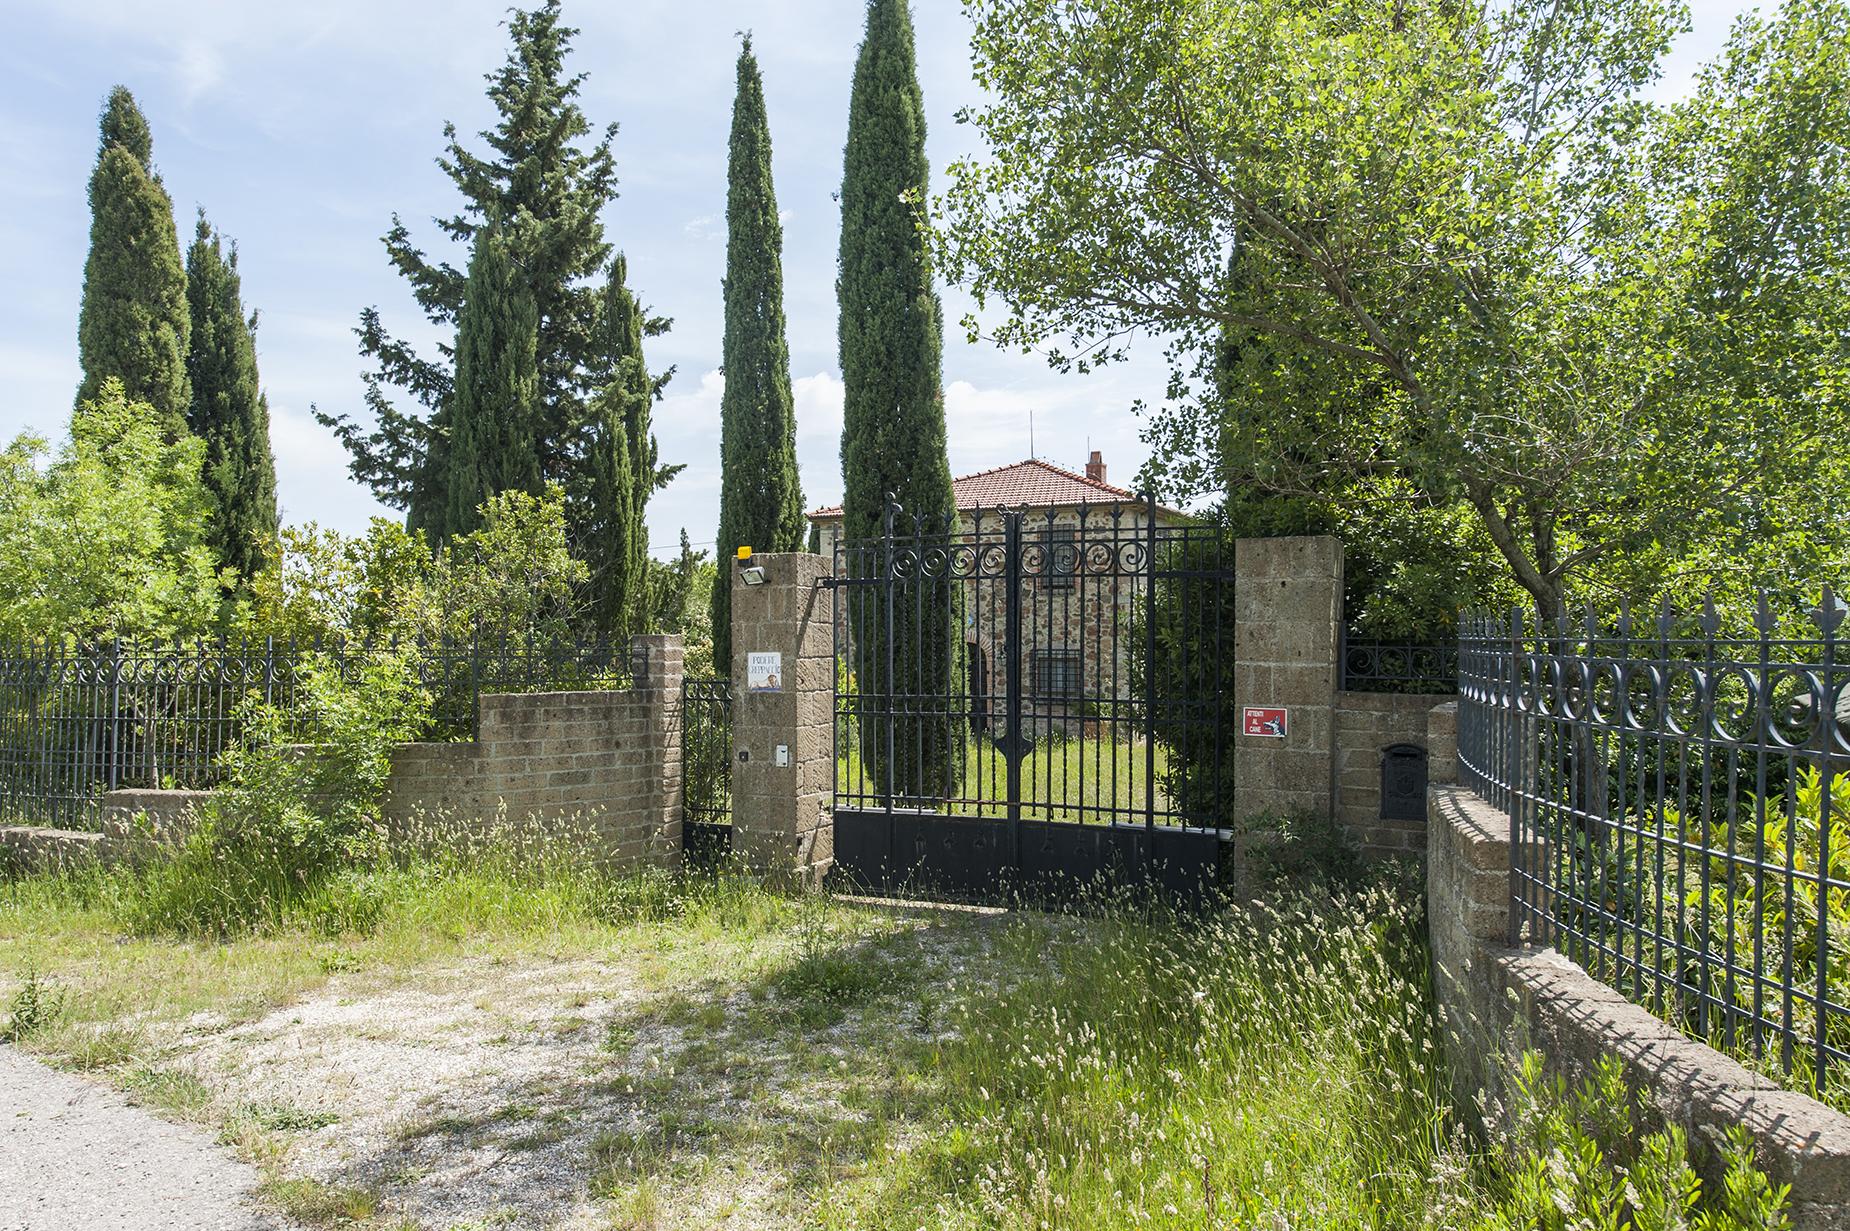 Rustico in Vendita a Roccalbegna: 5 locali, 450 mq - Foto 4